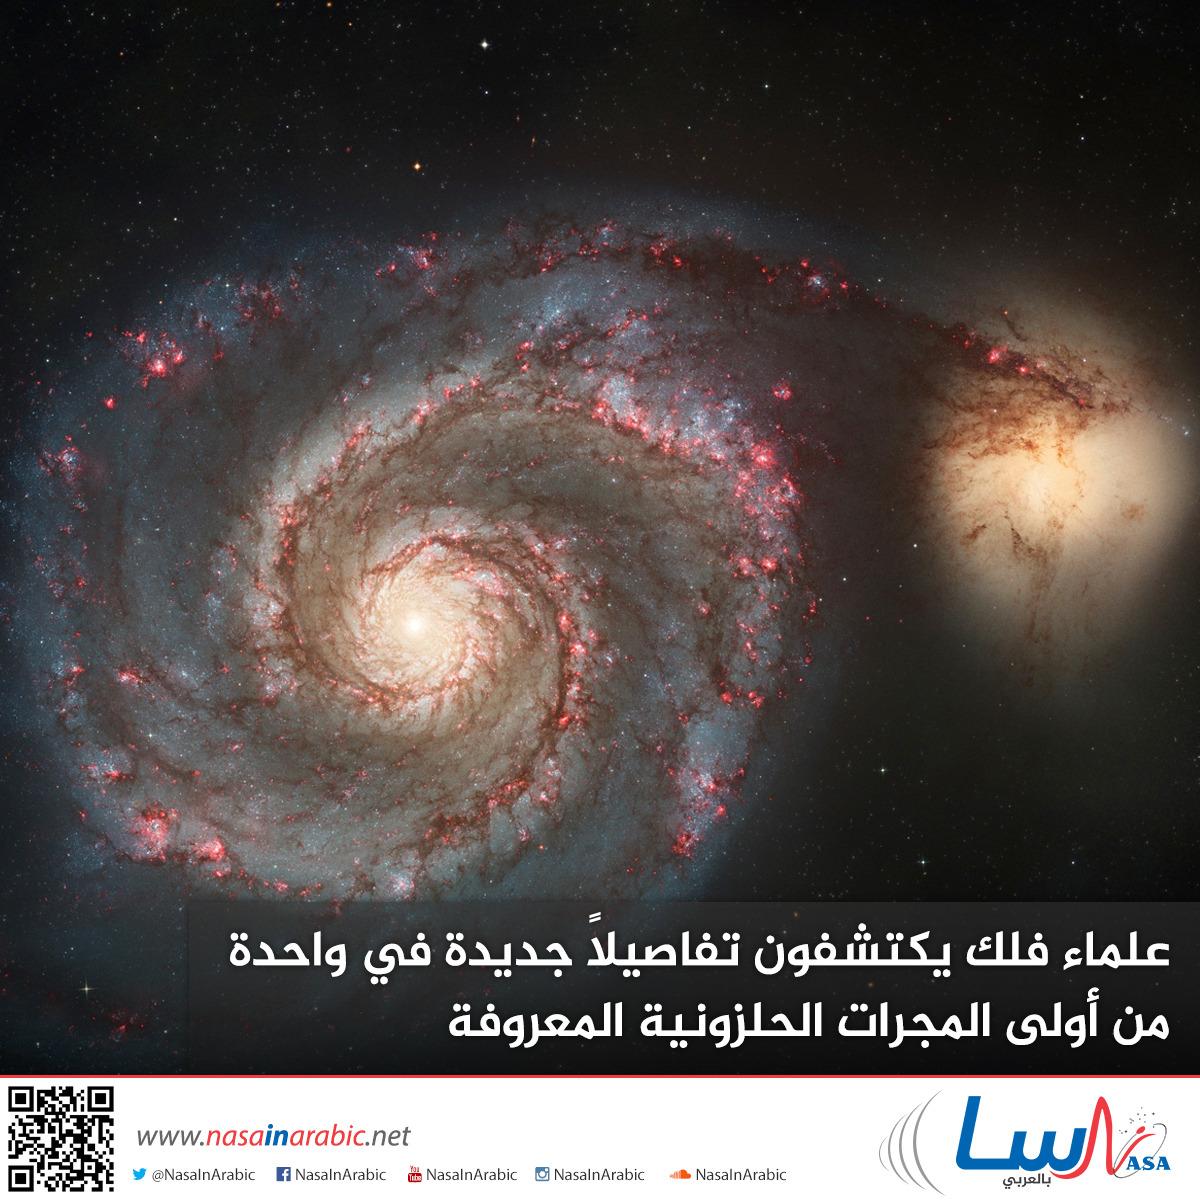 علماء فلك يكتشفون تفاصيلاً جديدة في واحدة من أولى المجرات الحلزونية المعروفة